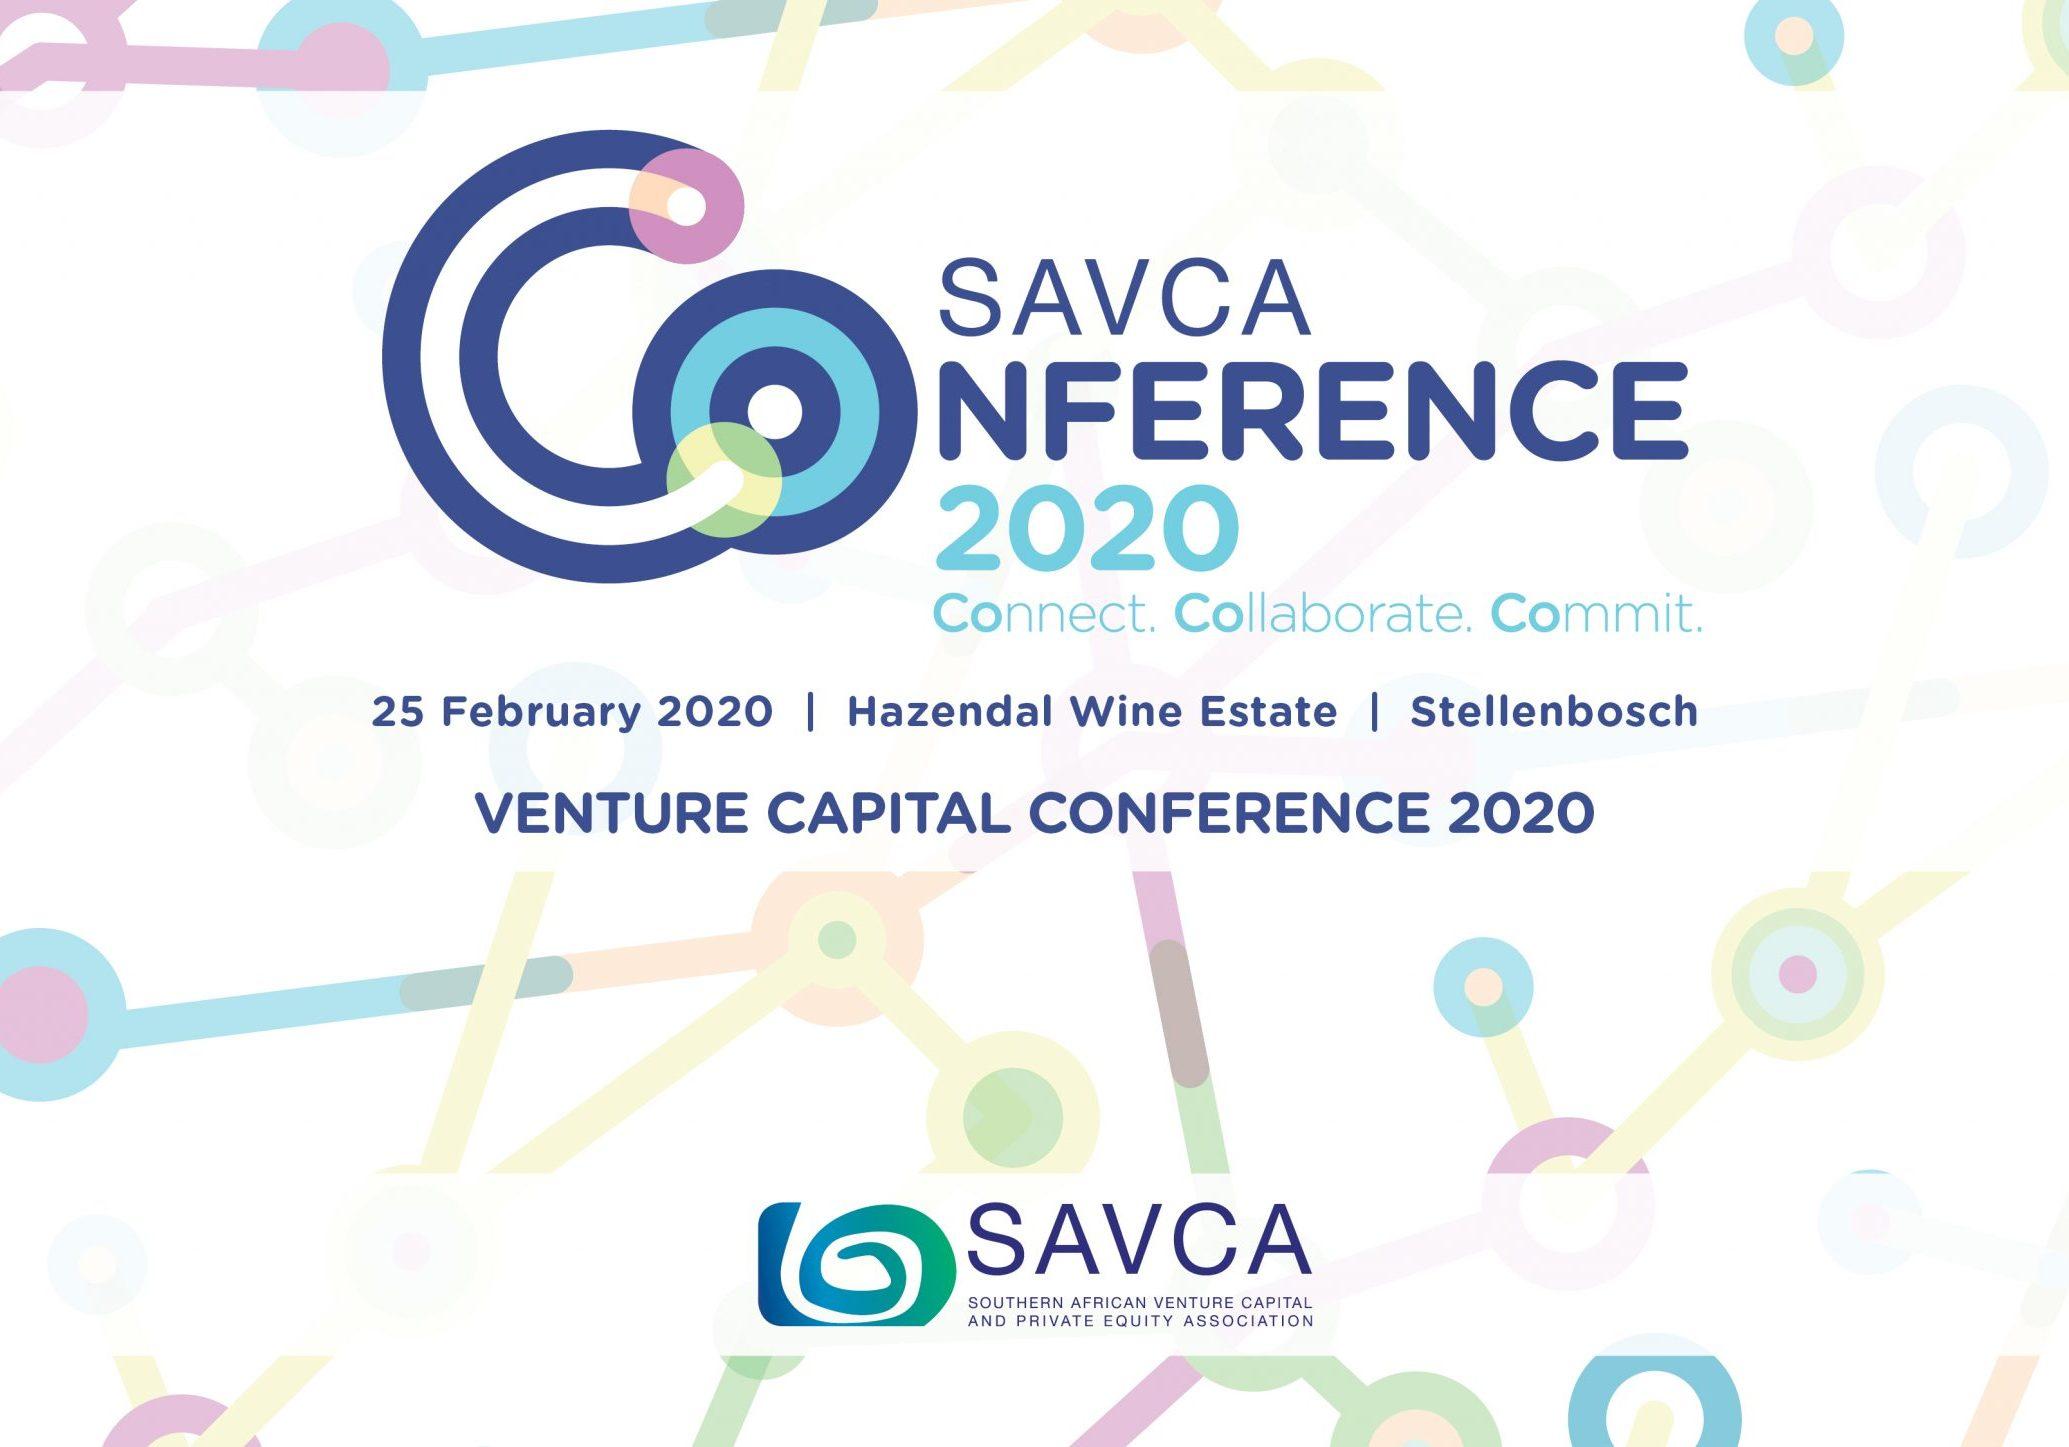 SAVCA 2020 VC Conference